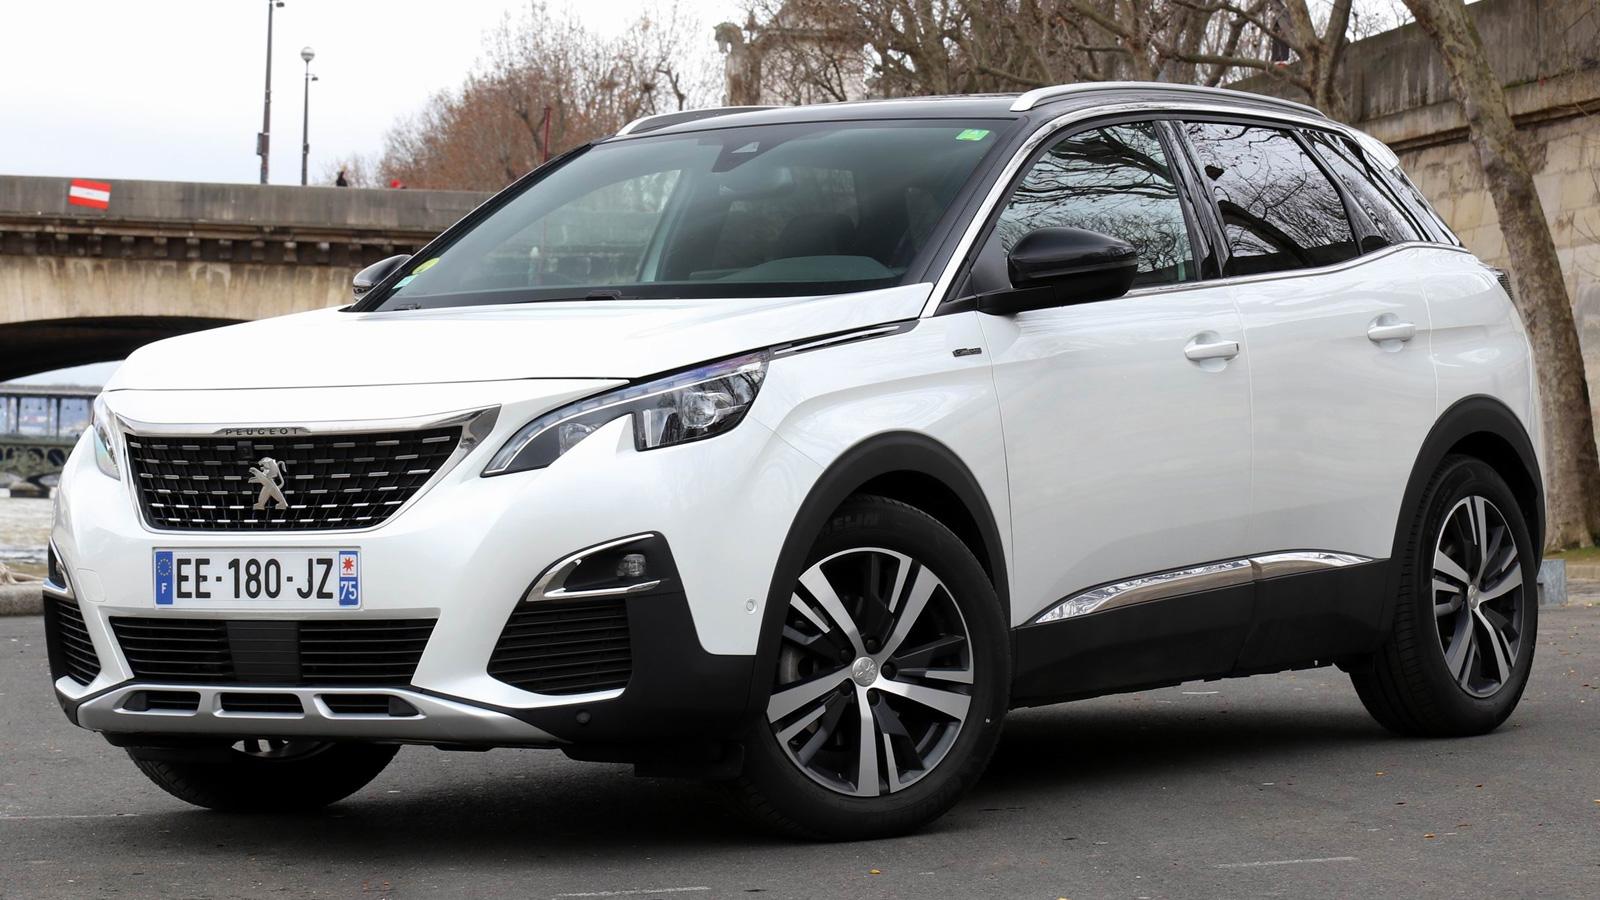 Peugeot 3008 (2017-2018) цена и характеристики, фотографии ...: http://auto.ironhorse.ru/3008-2_14025.html